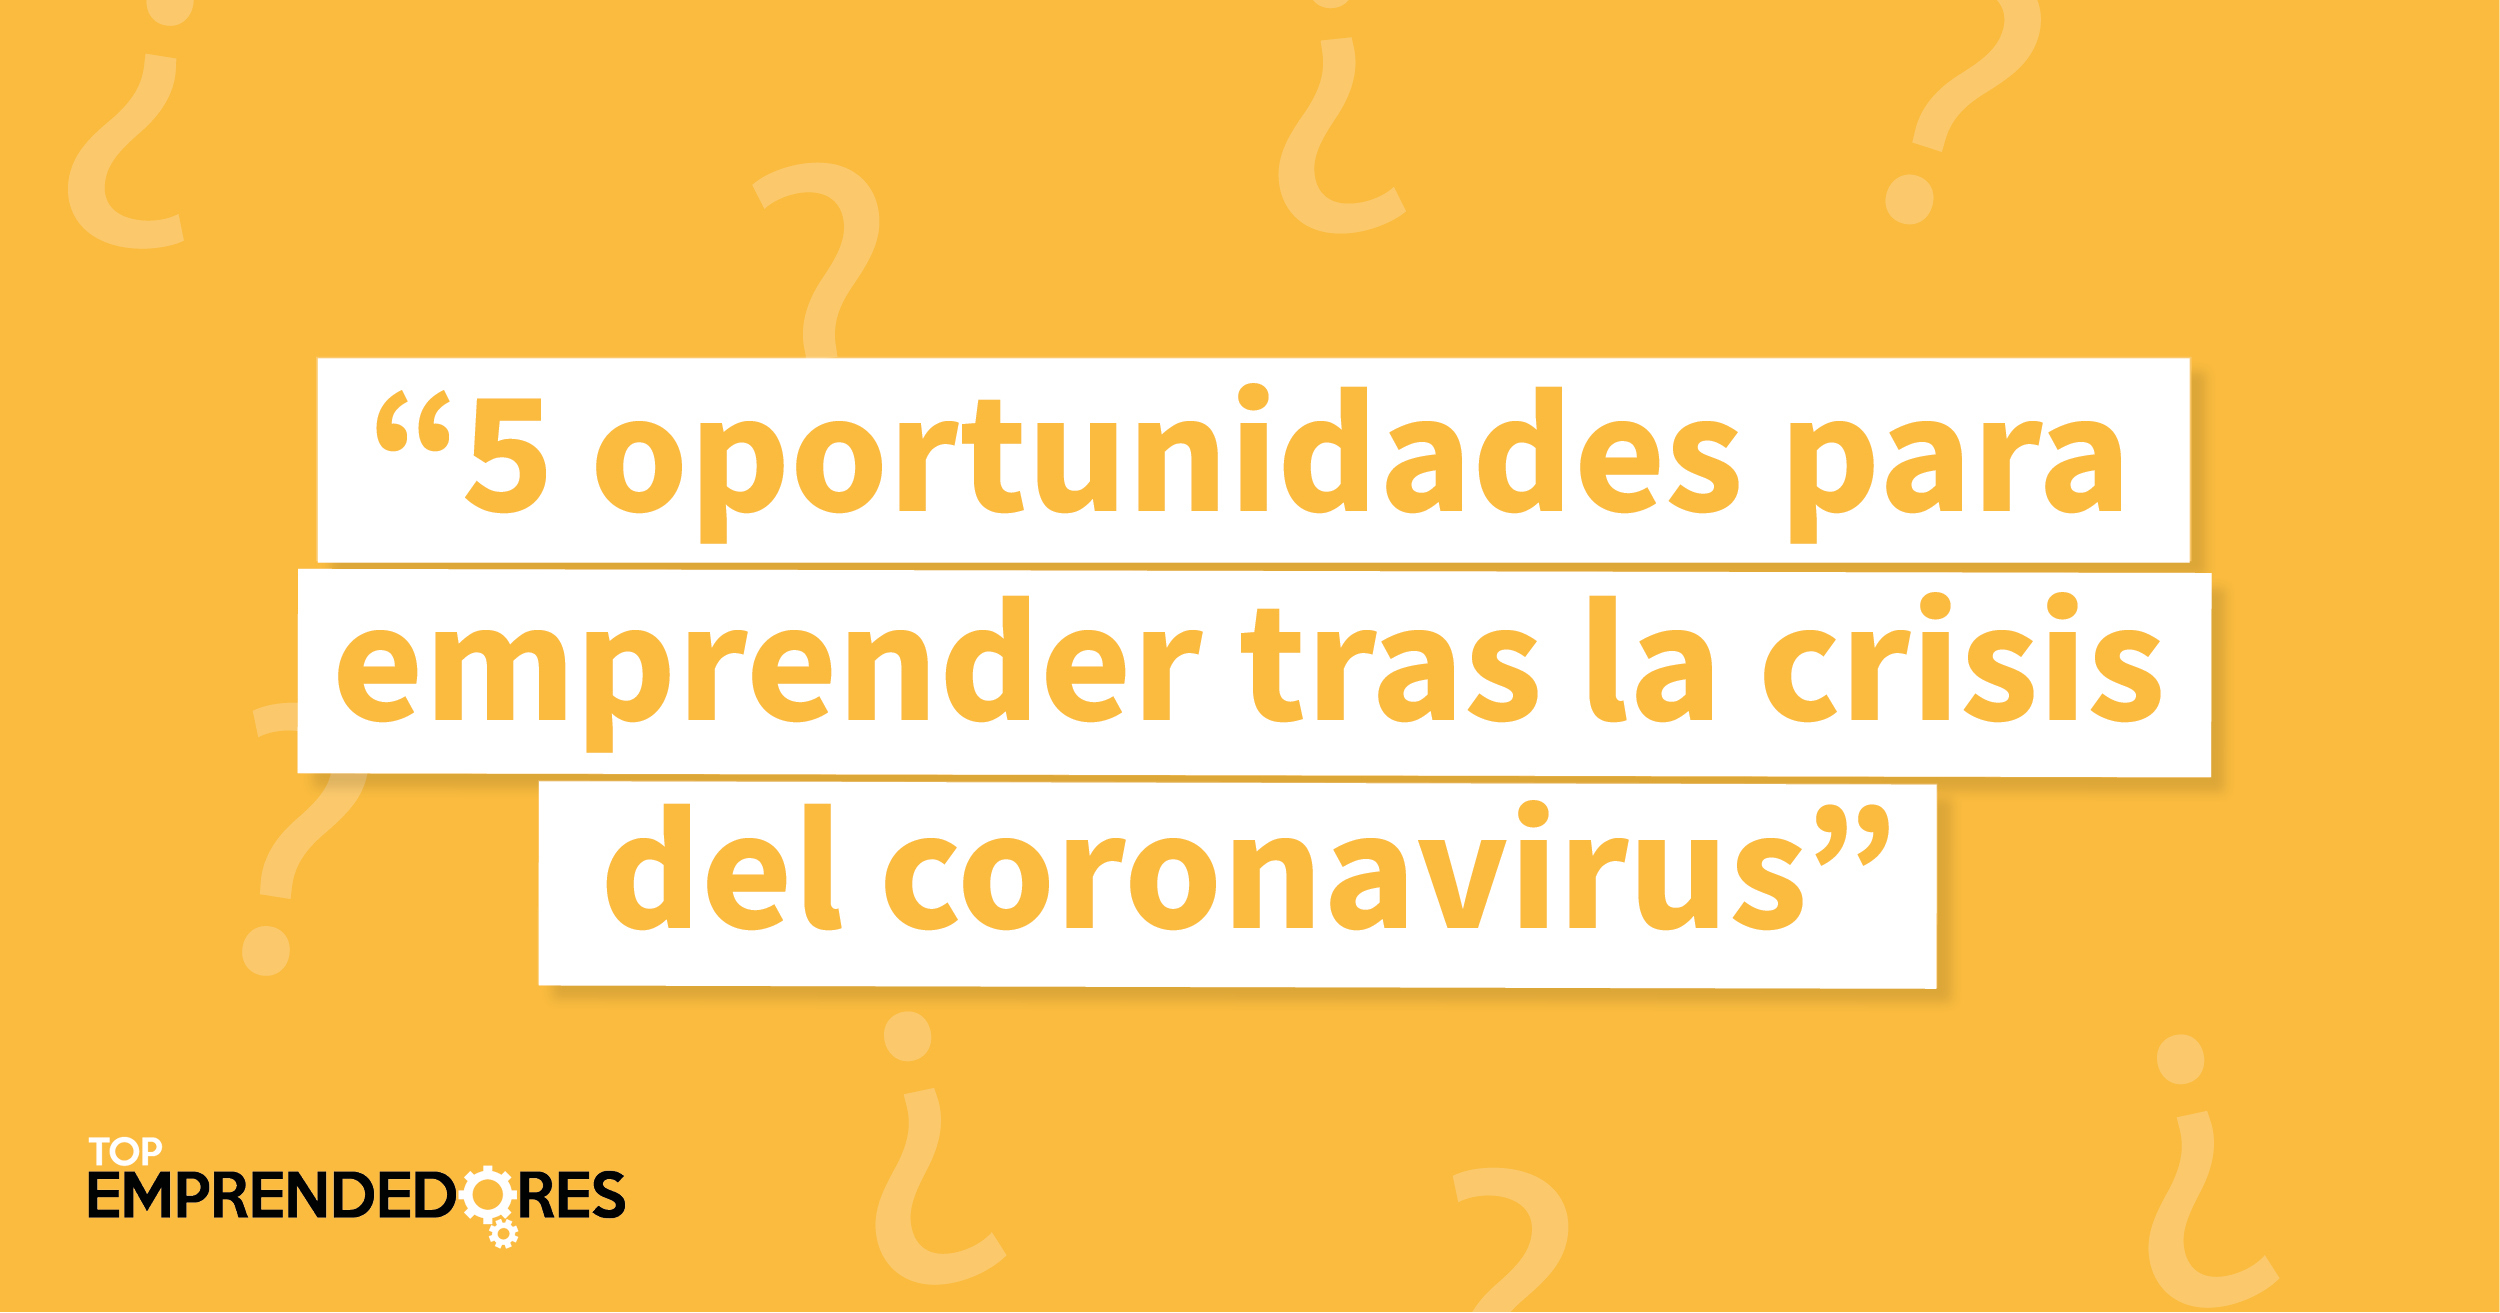 coronavirus-oportunidades-emprender-tras-crisis